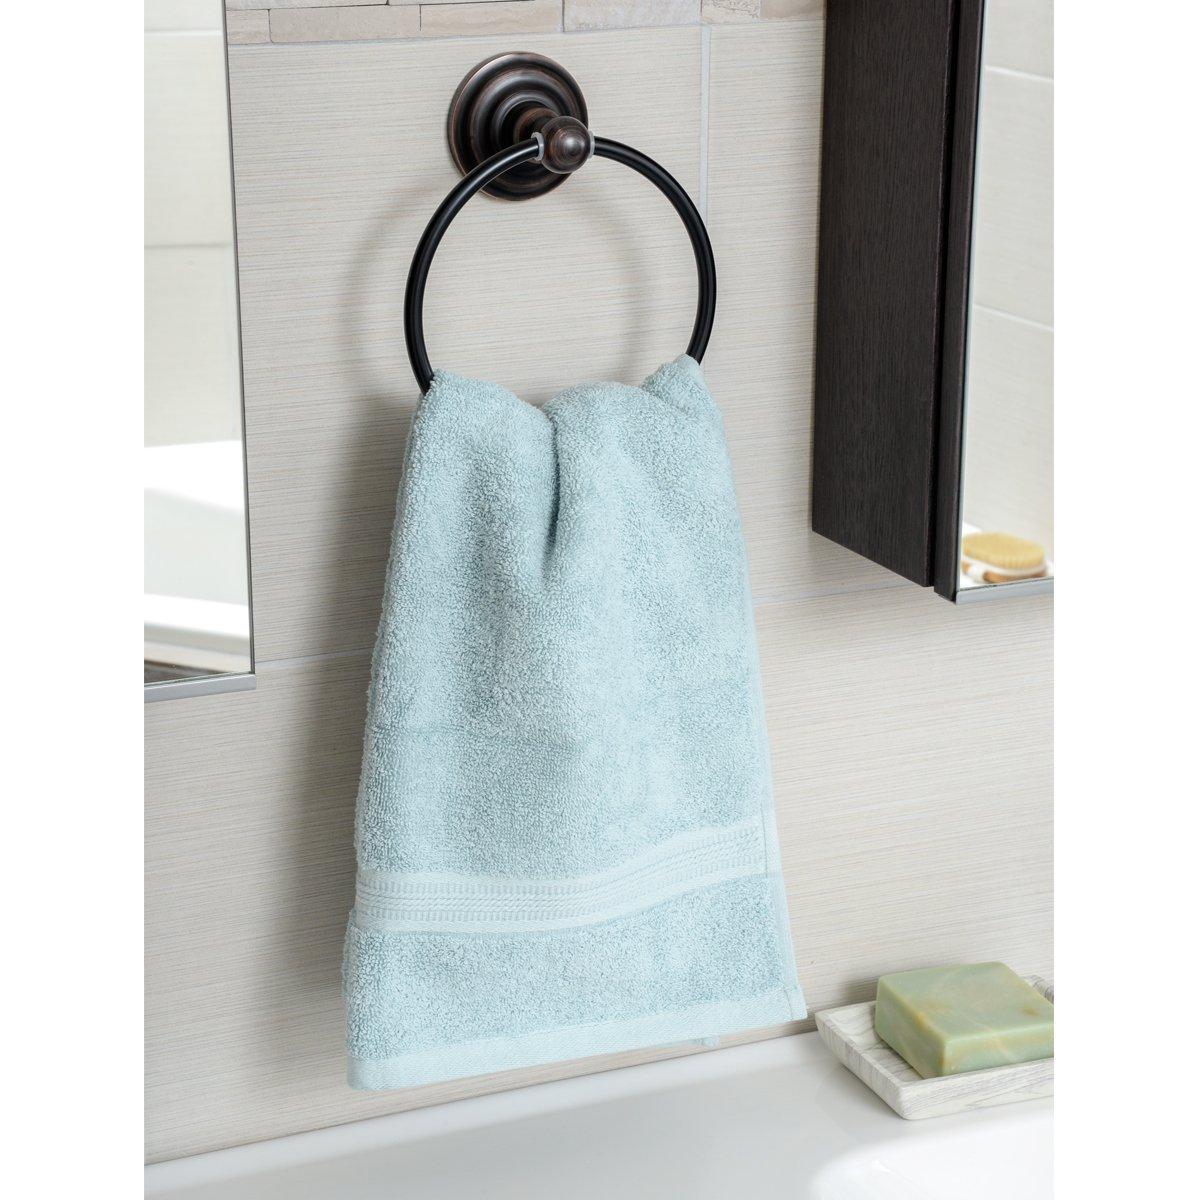 Porta asciugamani ad anello finitura canna di fucile stile tradizionale Basics